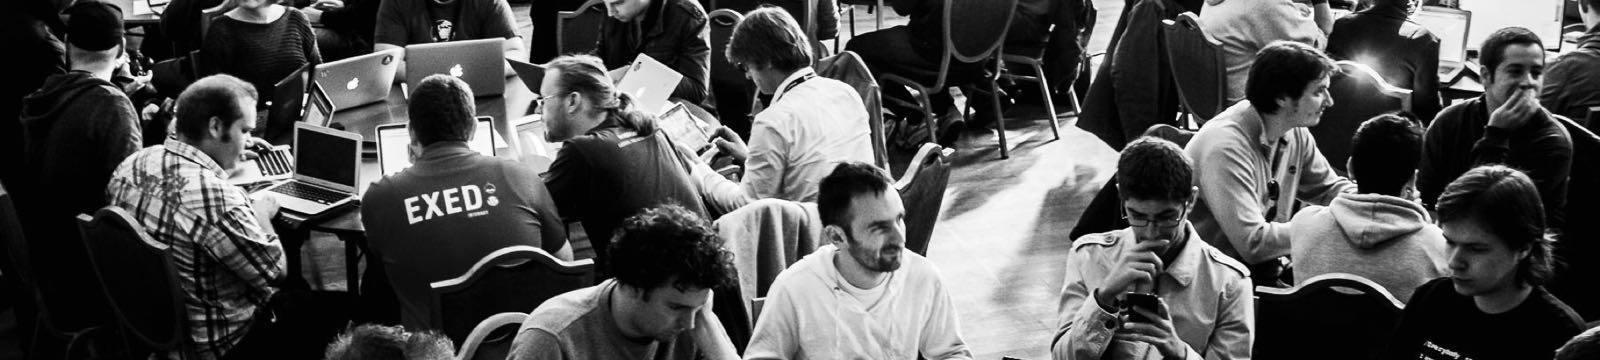 WordCamp Schleiden NL 2013